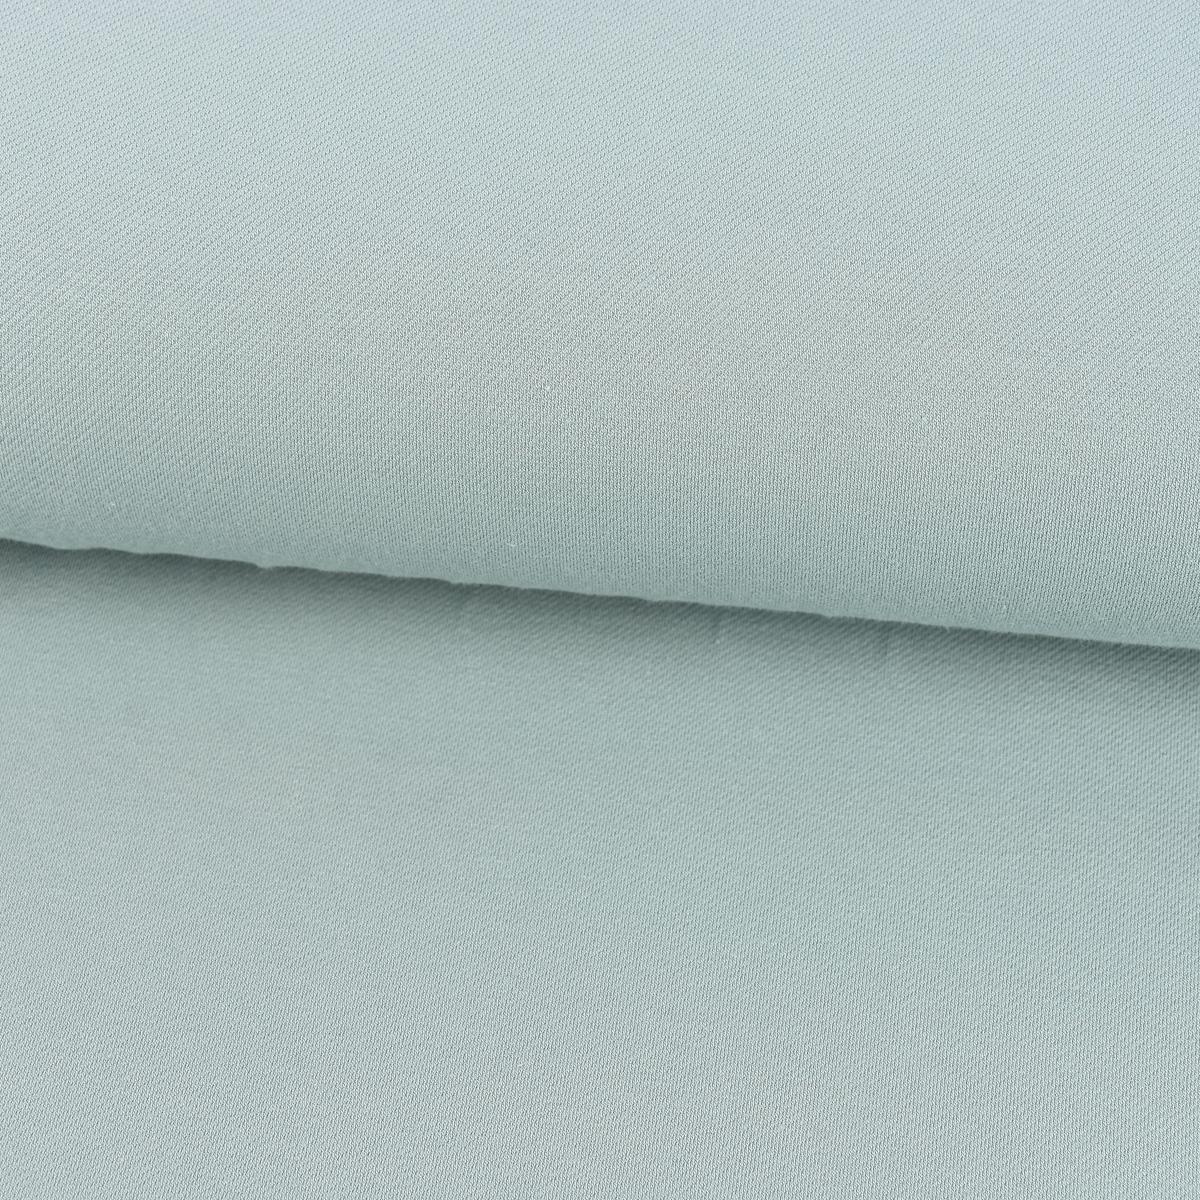 Baumwoll-Jeansstoff mit Elasthan Stretchjeans-Stoff weich einfarbig mint 1,5m Breite